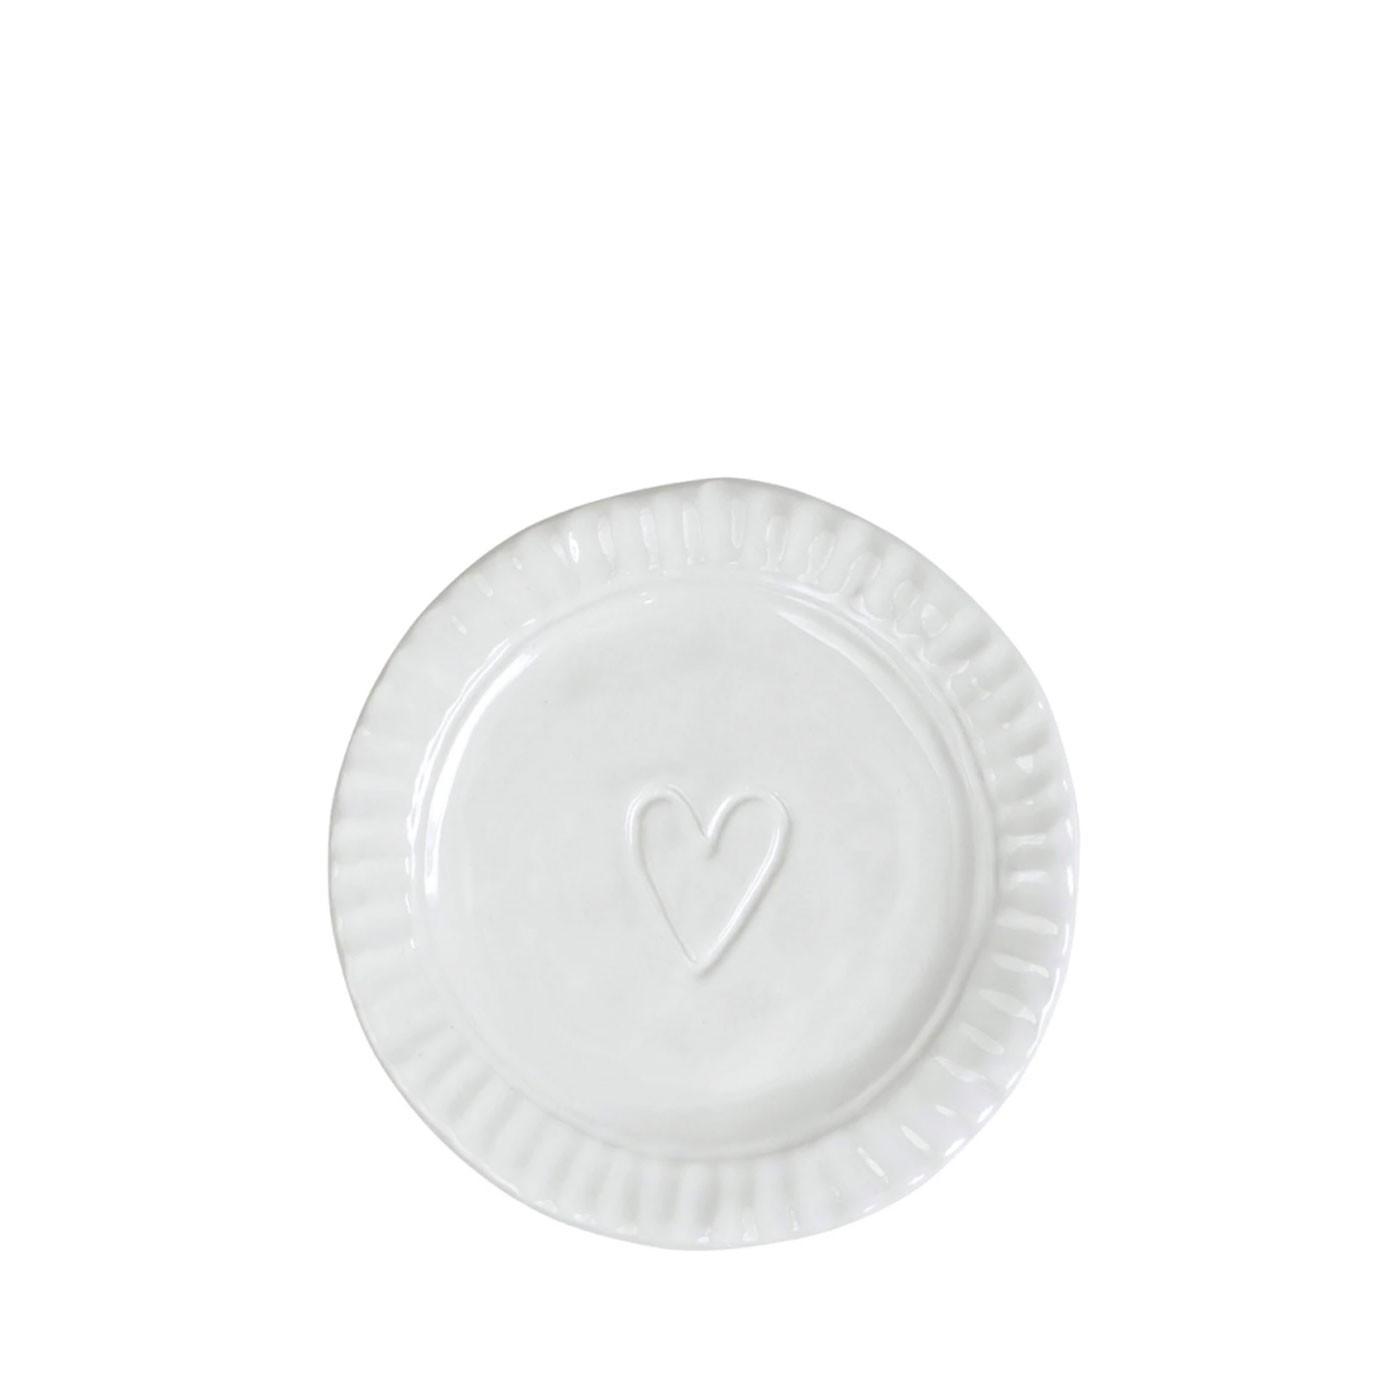 Pietra Serena Heart Plate - Vietri   Eataly.com